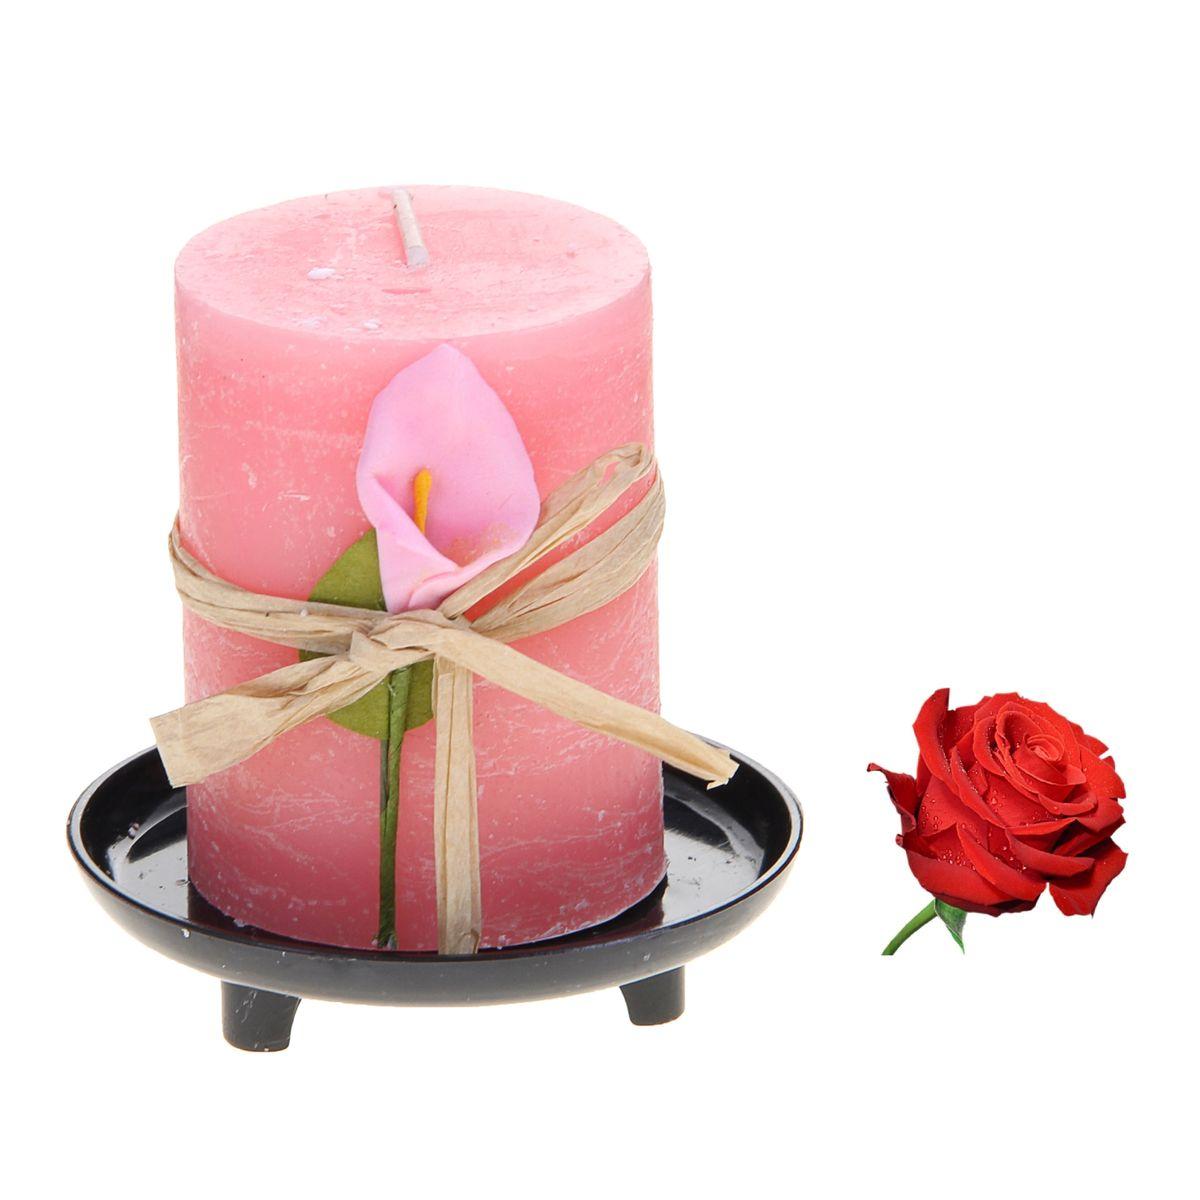 Свеча ароматизированная Sima-land Роза, на подставке, высота 6 см907698Свеча Sima-land Роза выполнена из воска в виде столбика. Свеча порадует ярким дизайном и насыщенным ароматом розы, который понравится как женщинам, так и мужчинам. Изделие размещено на оригинальной пластиковой подставке. Создайте для себя и своих близких незабываемую атмосферу праздника в доме. Ароматическая свеча Sima-land Роза раскрасит серые будни яркими красками. Высота свечи (без учета подставки): 6 см. Высота подставки: 1,5 см.